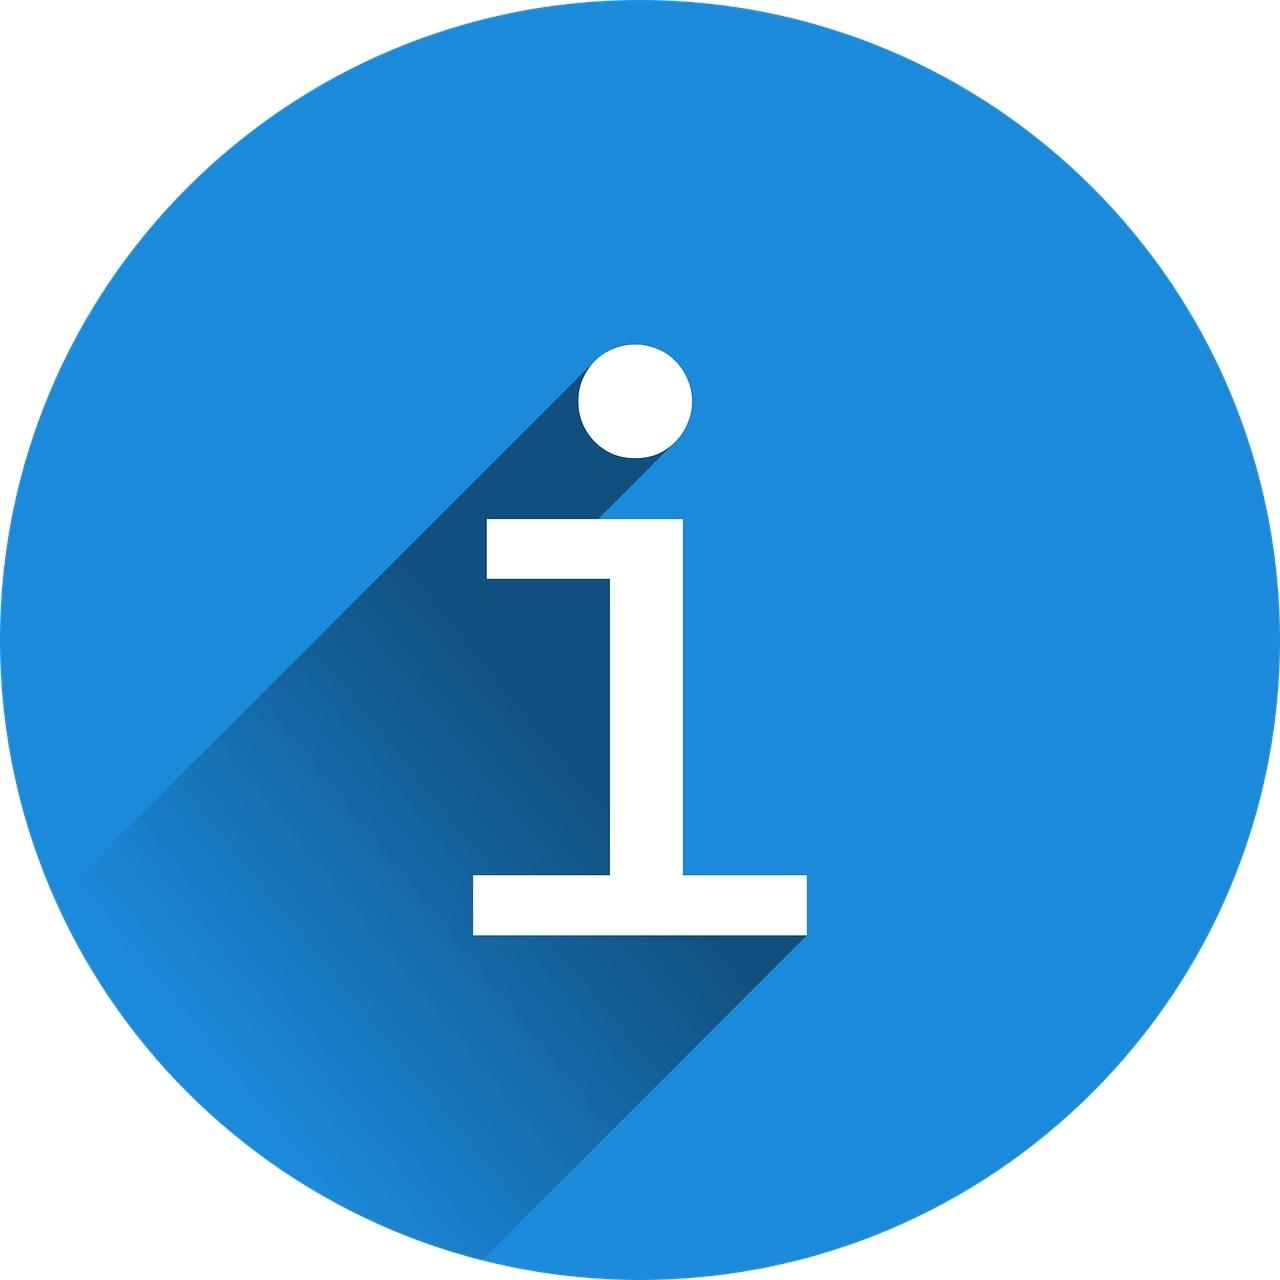 LVVP maakt webpagina voor patiënten met informatie over het zorgprestatiemodel